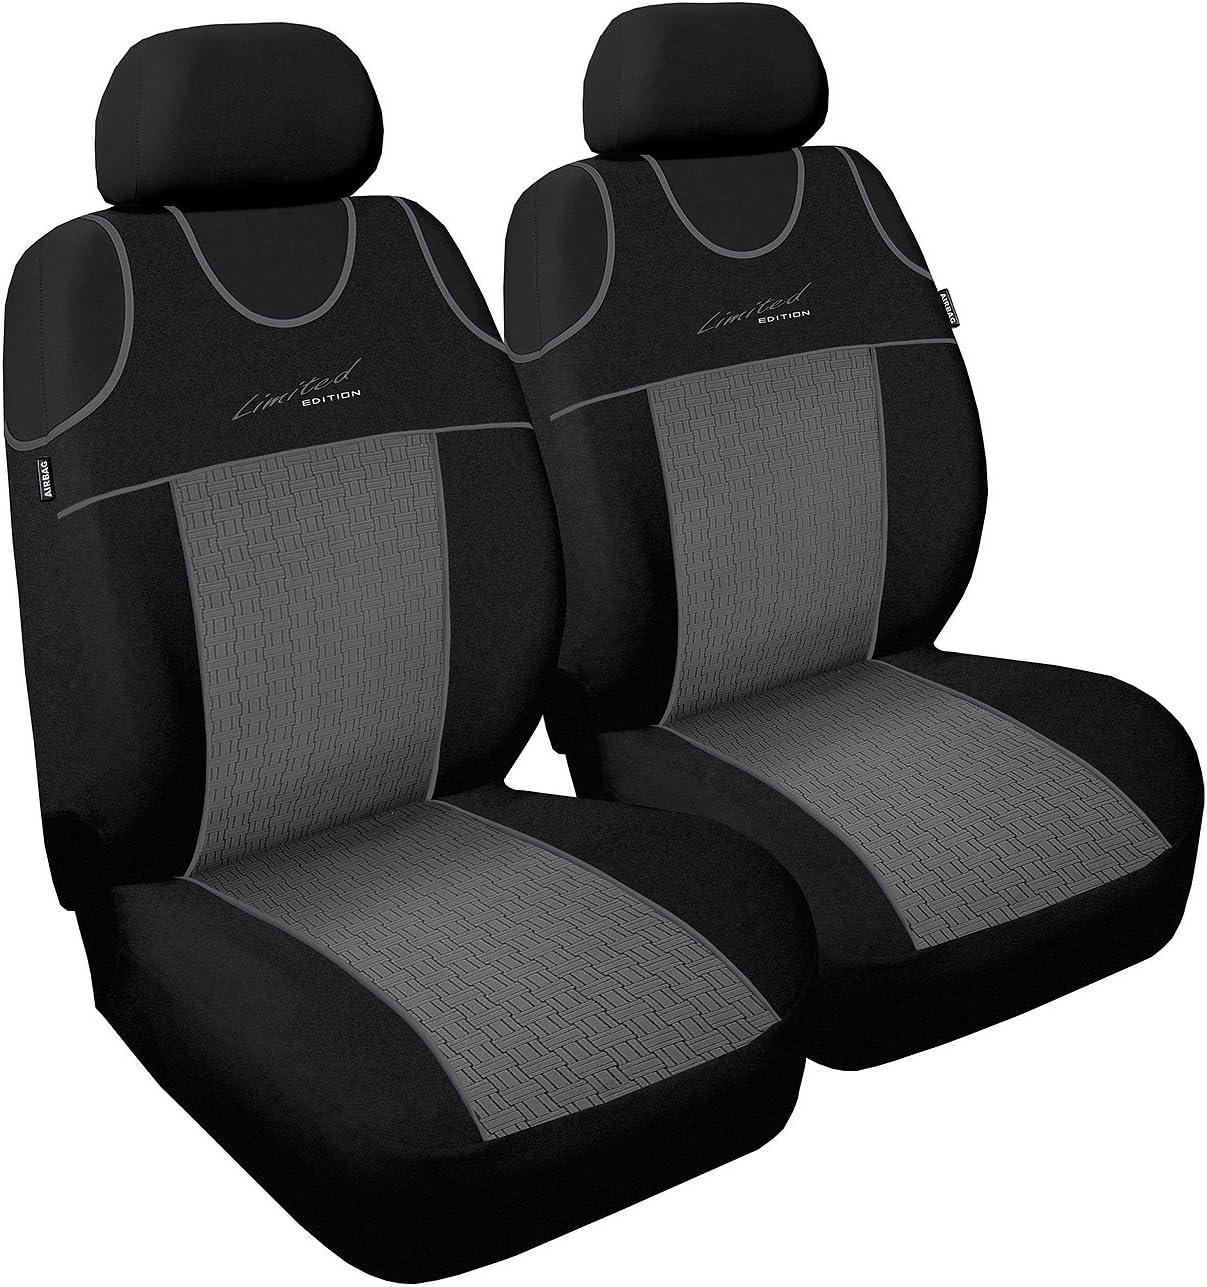 GSC Sitzbez/üge Universal Schonbez/üge kompatibel mit Subaru Forester